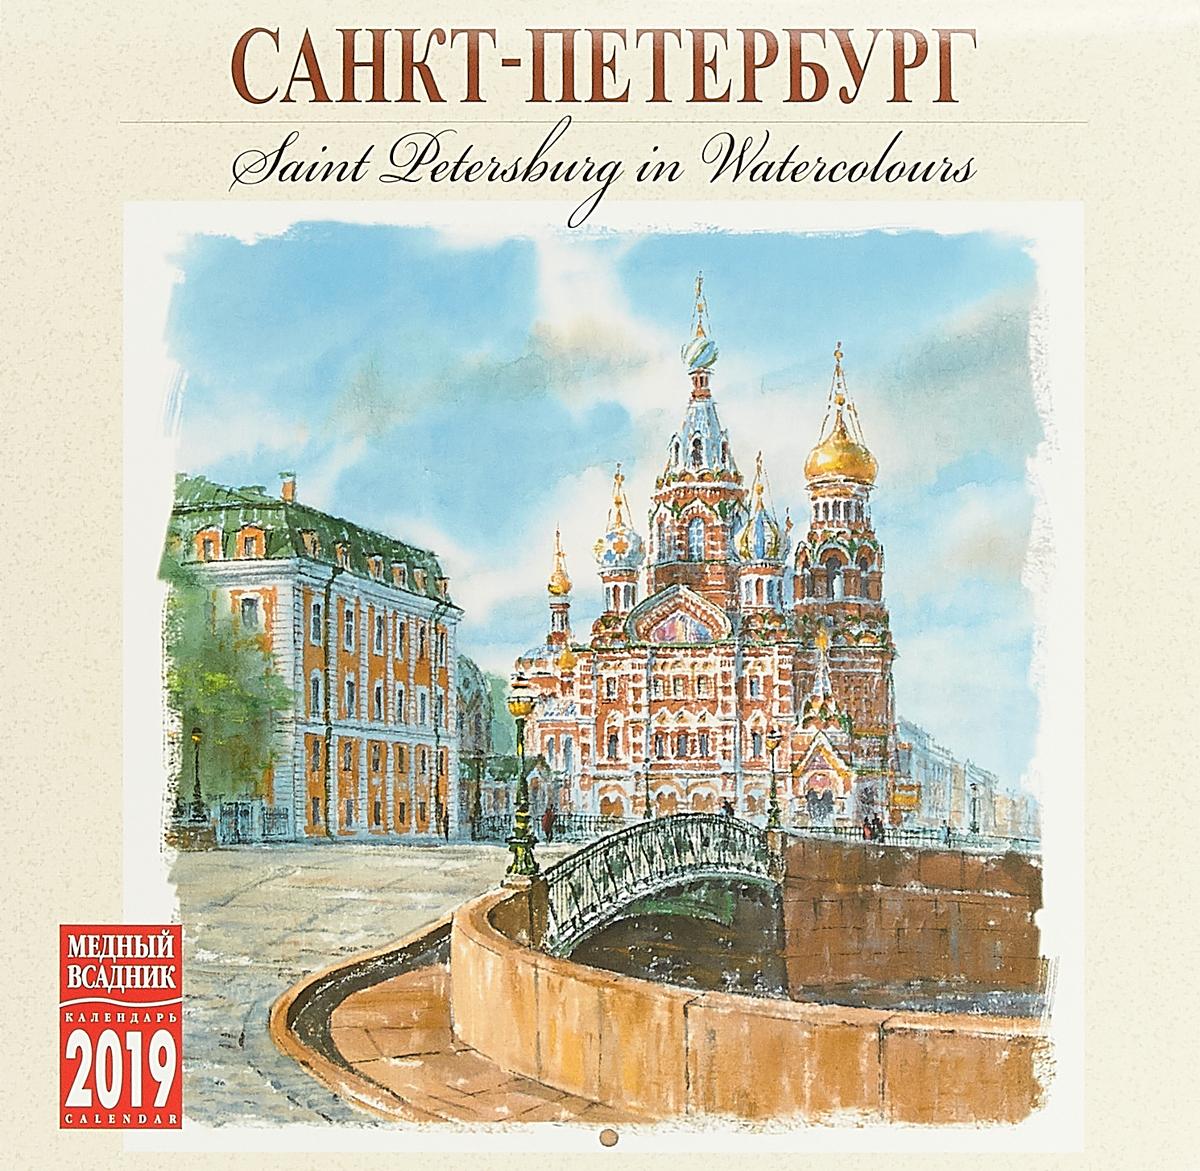 Календарь на скрепке на 2019 год. Санкт-Петербург. Акварель недорого